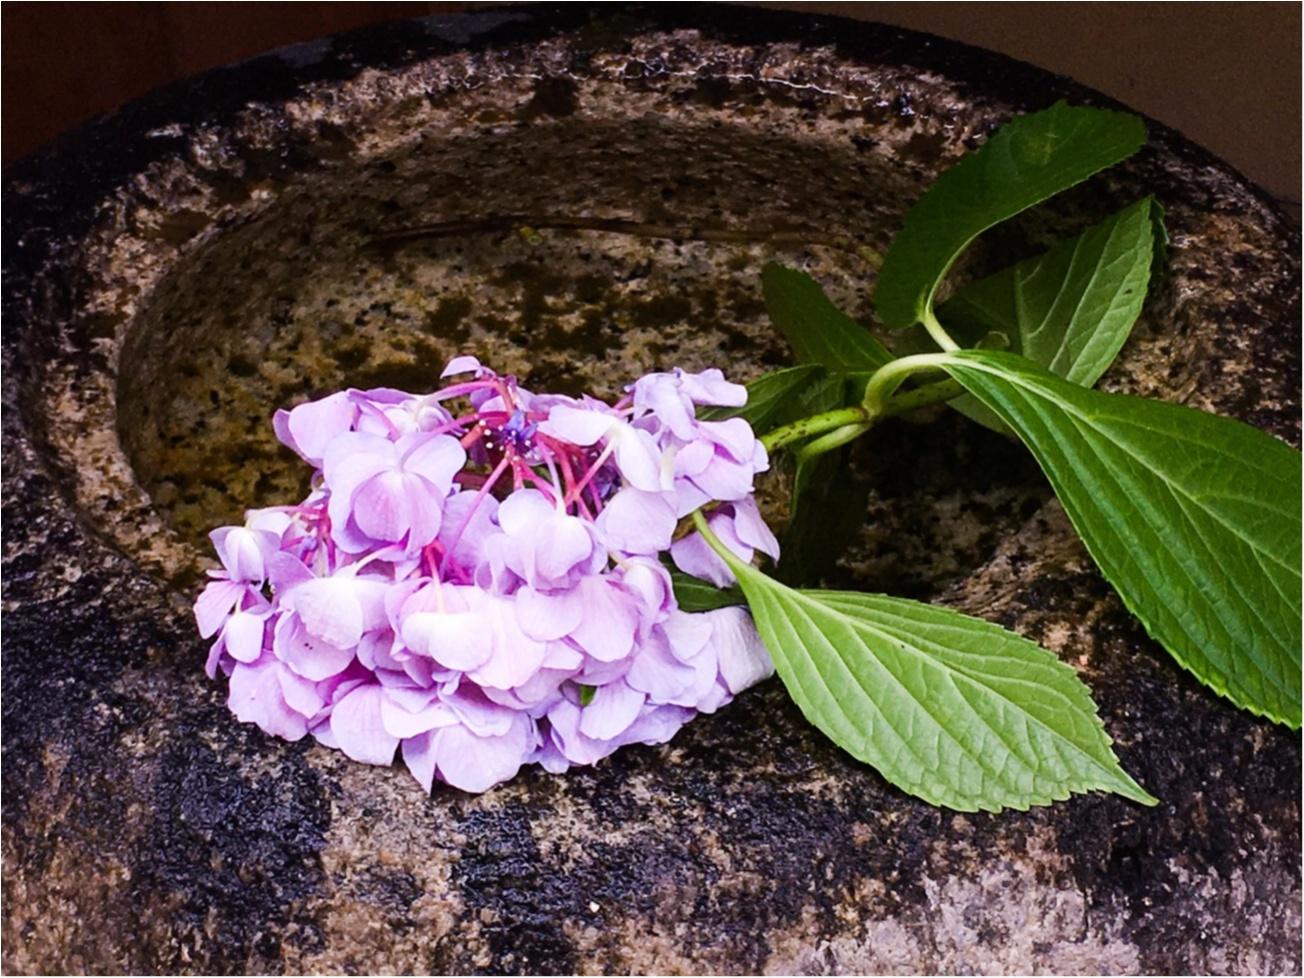 【京都/6月限定】梅雨時期しか食べられないお茶専門店が出す『紫陽花パフェ』を食べよう!_3